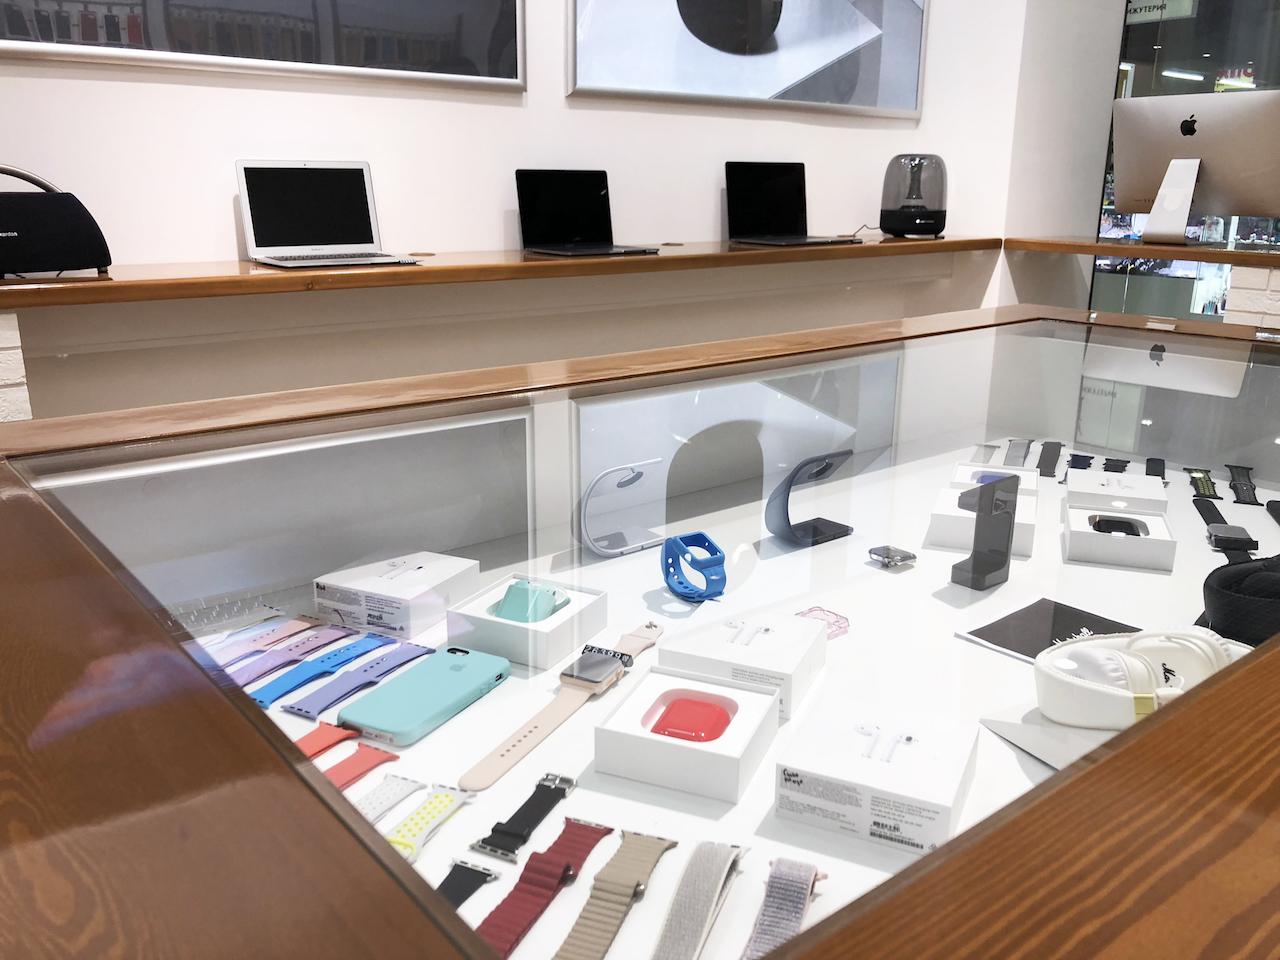 i-Store.net / сеть магазинов apple Севастополь / Симферополь / Крым / Москва